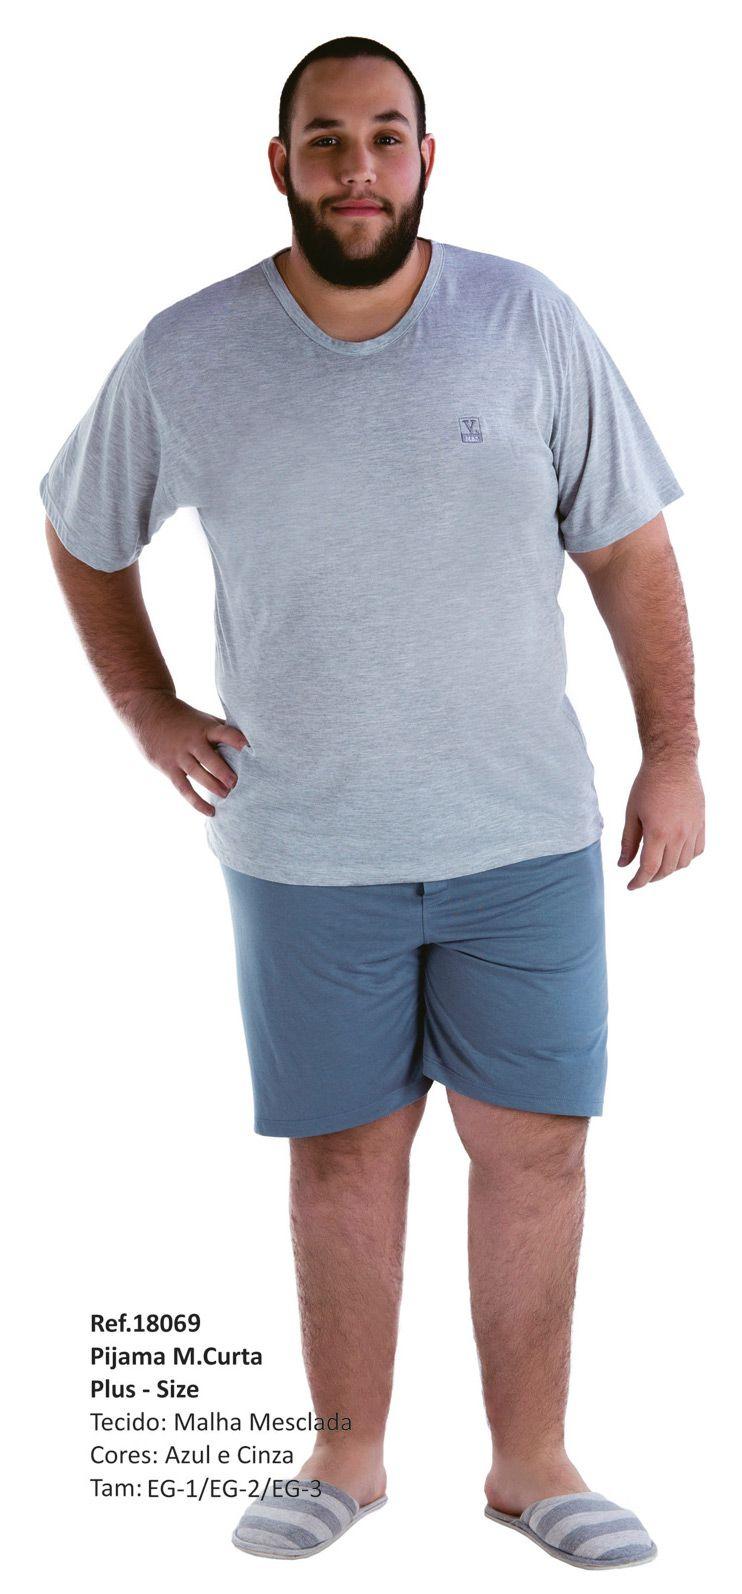 Pijama Masculino Verão Plus Size - Victory 18069